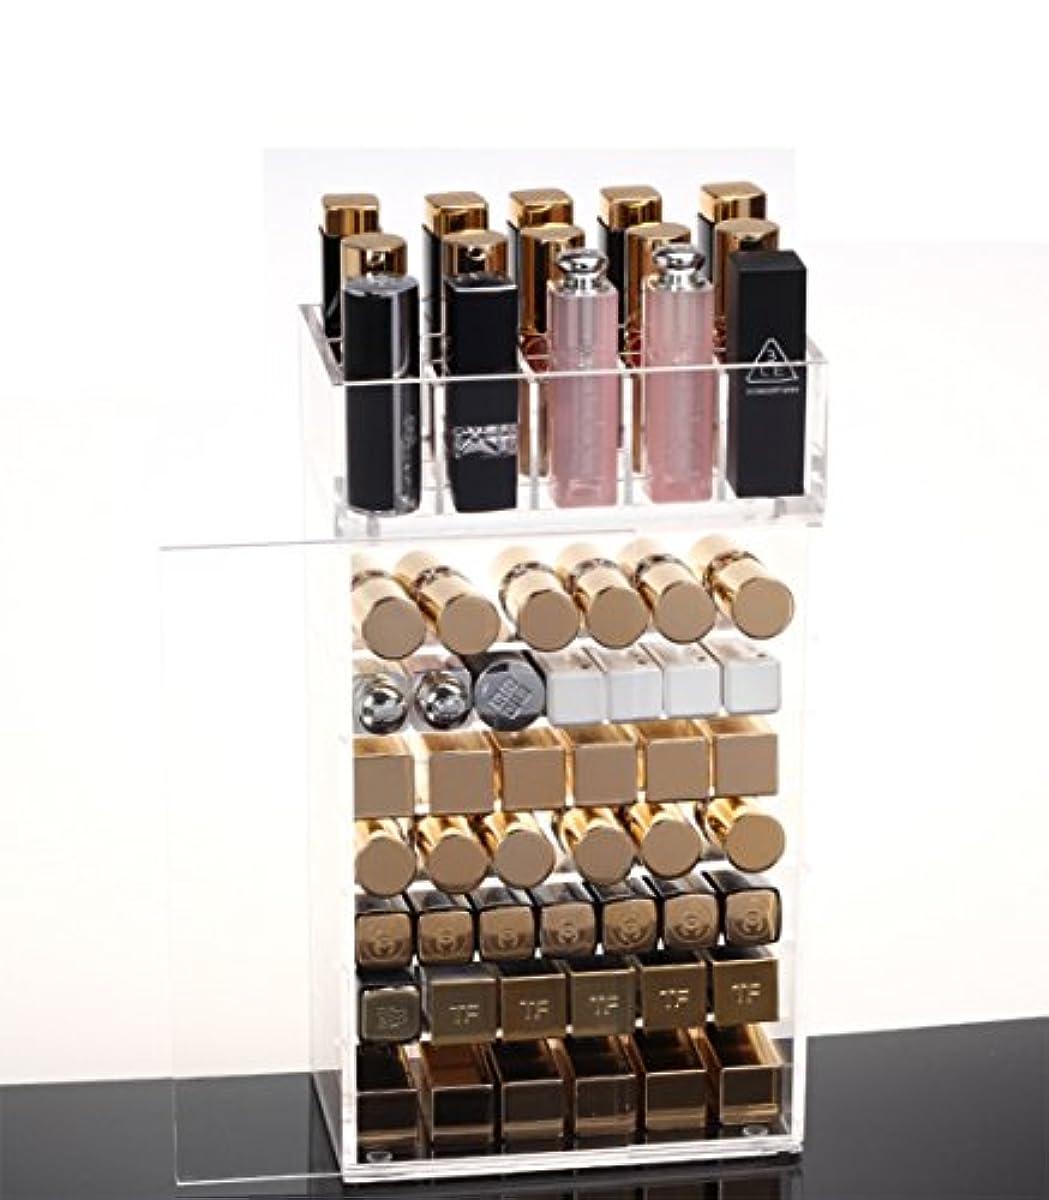 迷惑苦しむサーバントSZTulip 化粧品収納ボックス メイクケース メイクボックス 口紅収納 ネイルカラー小物入れ レディース  透明アクリル 防塵ドア付き コスメボックス